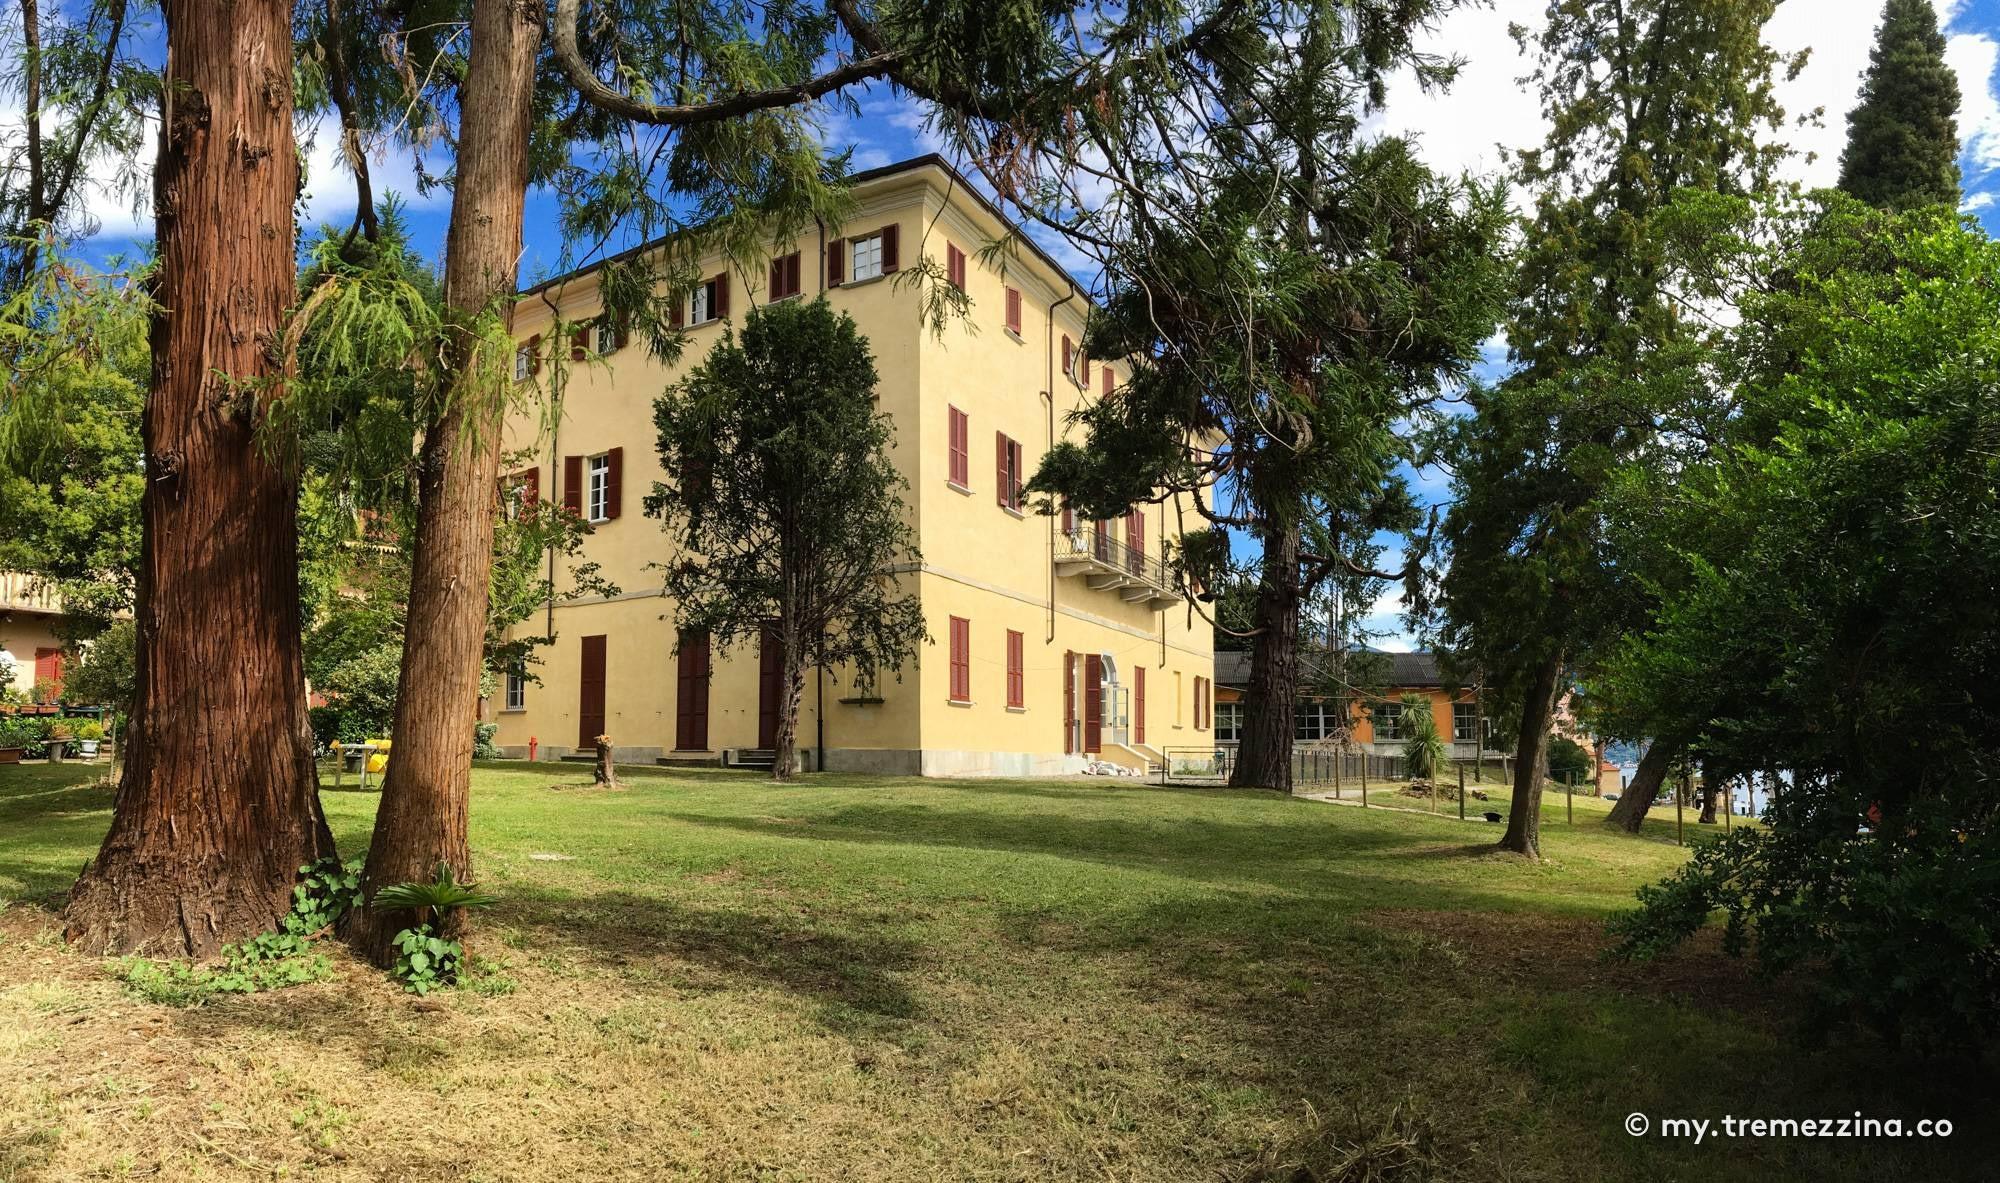 Villa Mainona - Museo del Paesaggio del Lago di Como